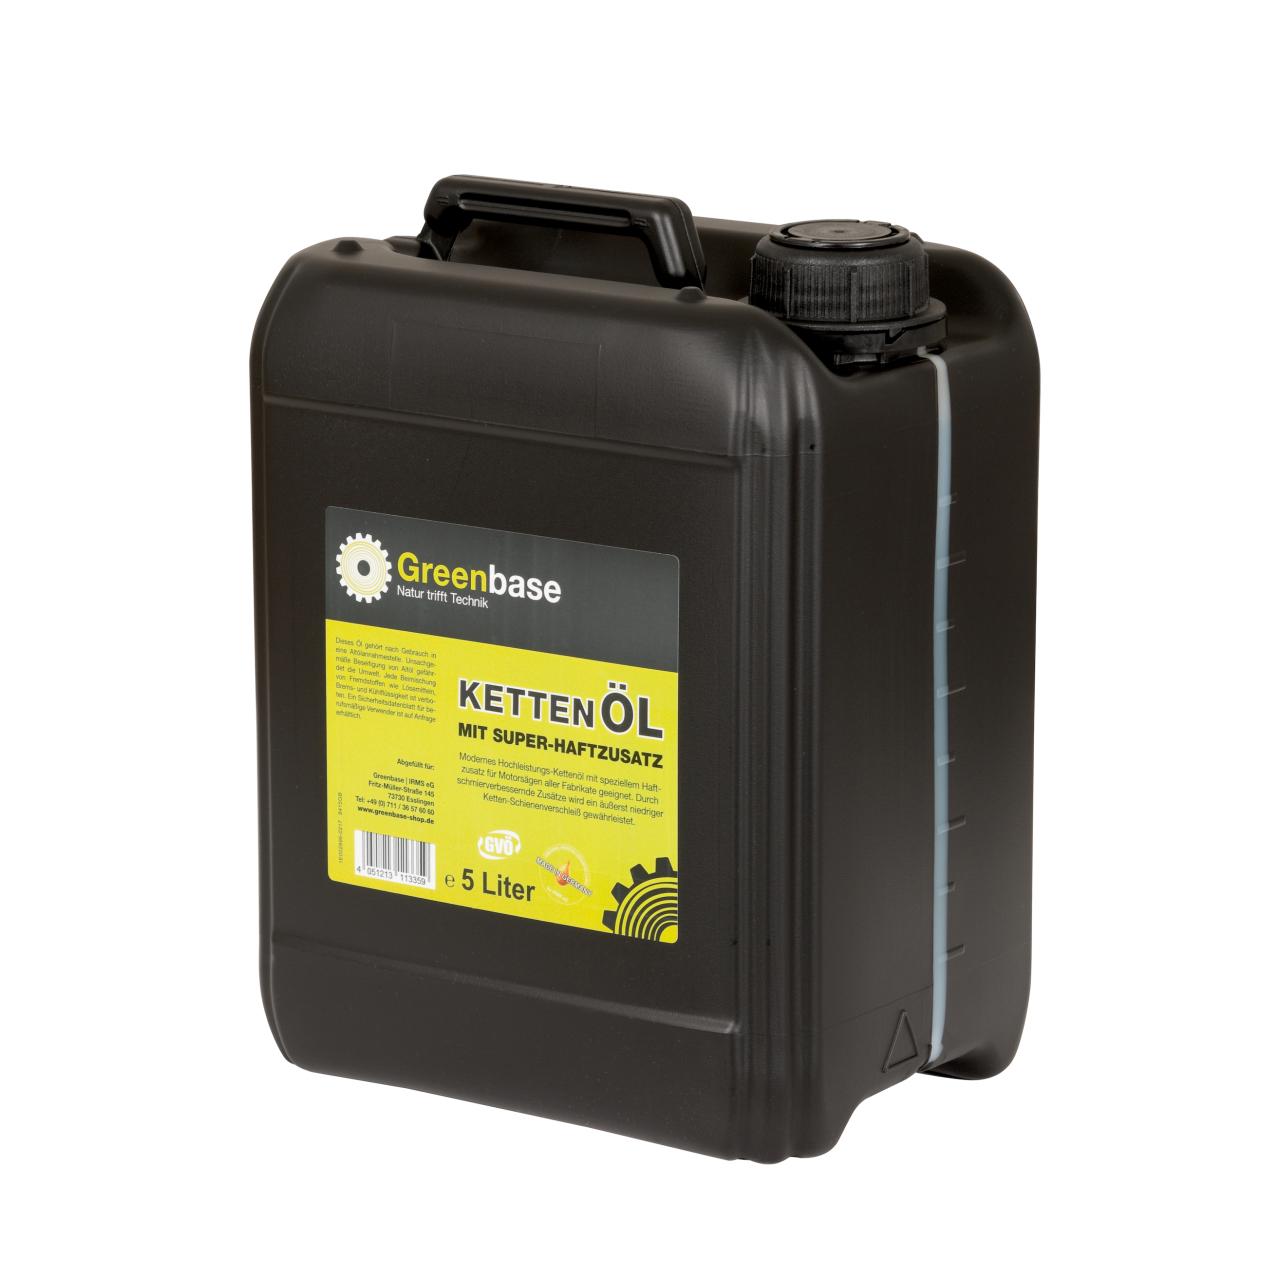 Kettenöl H 5 Liter Kanne